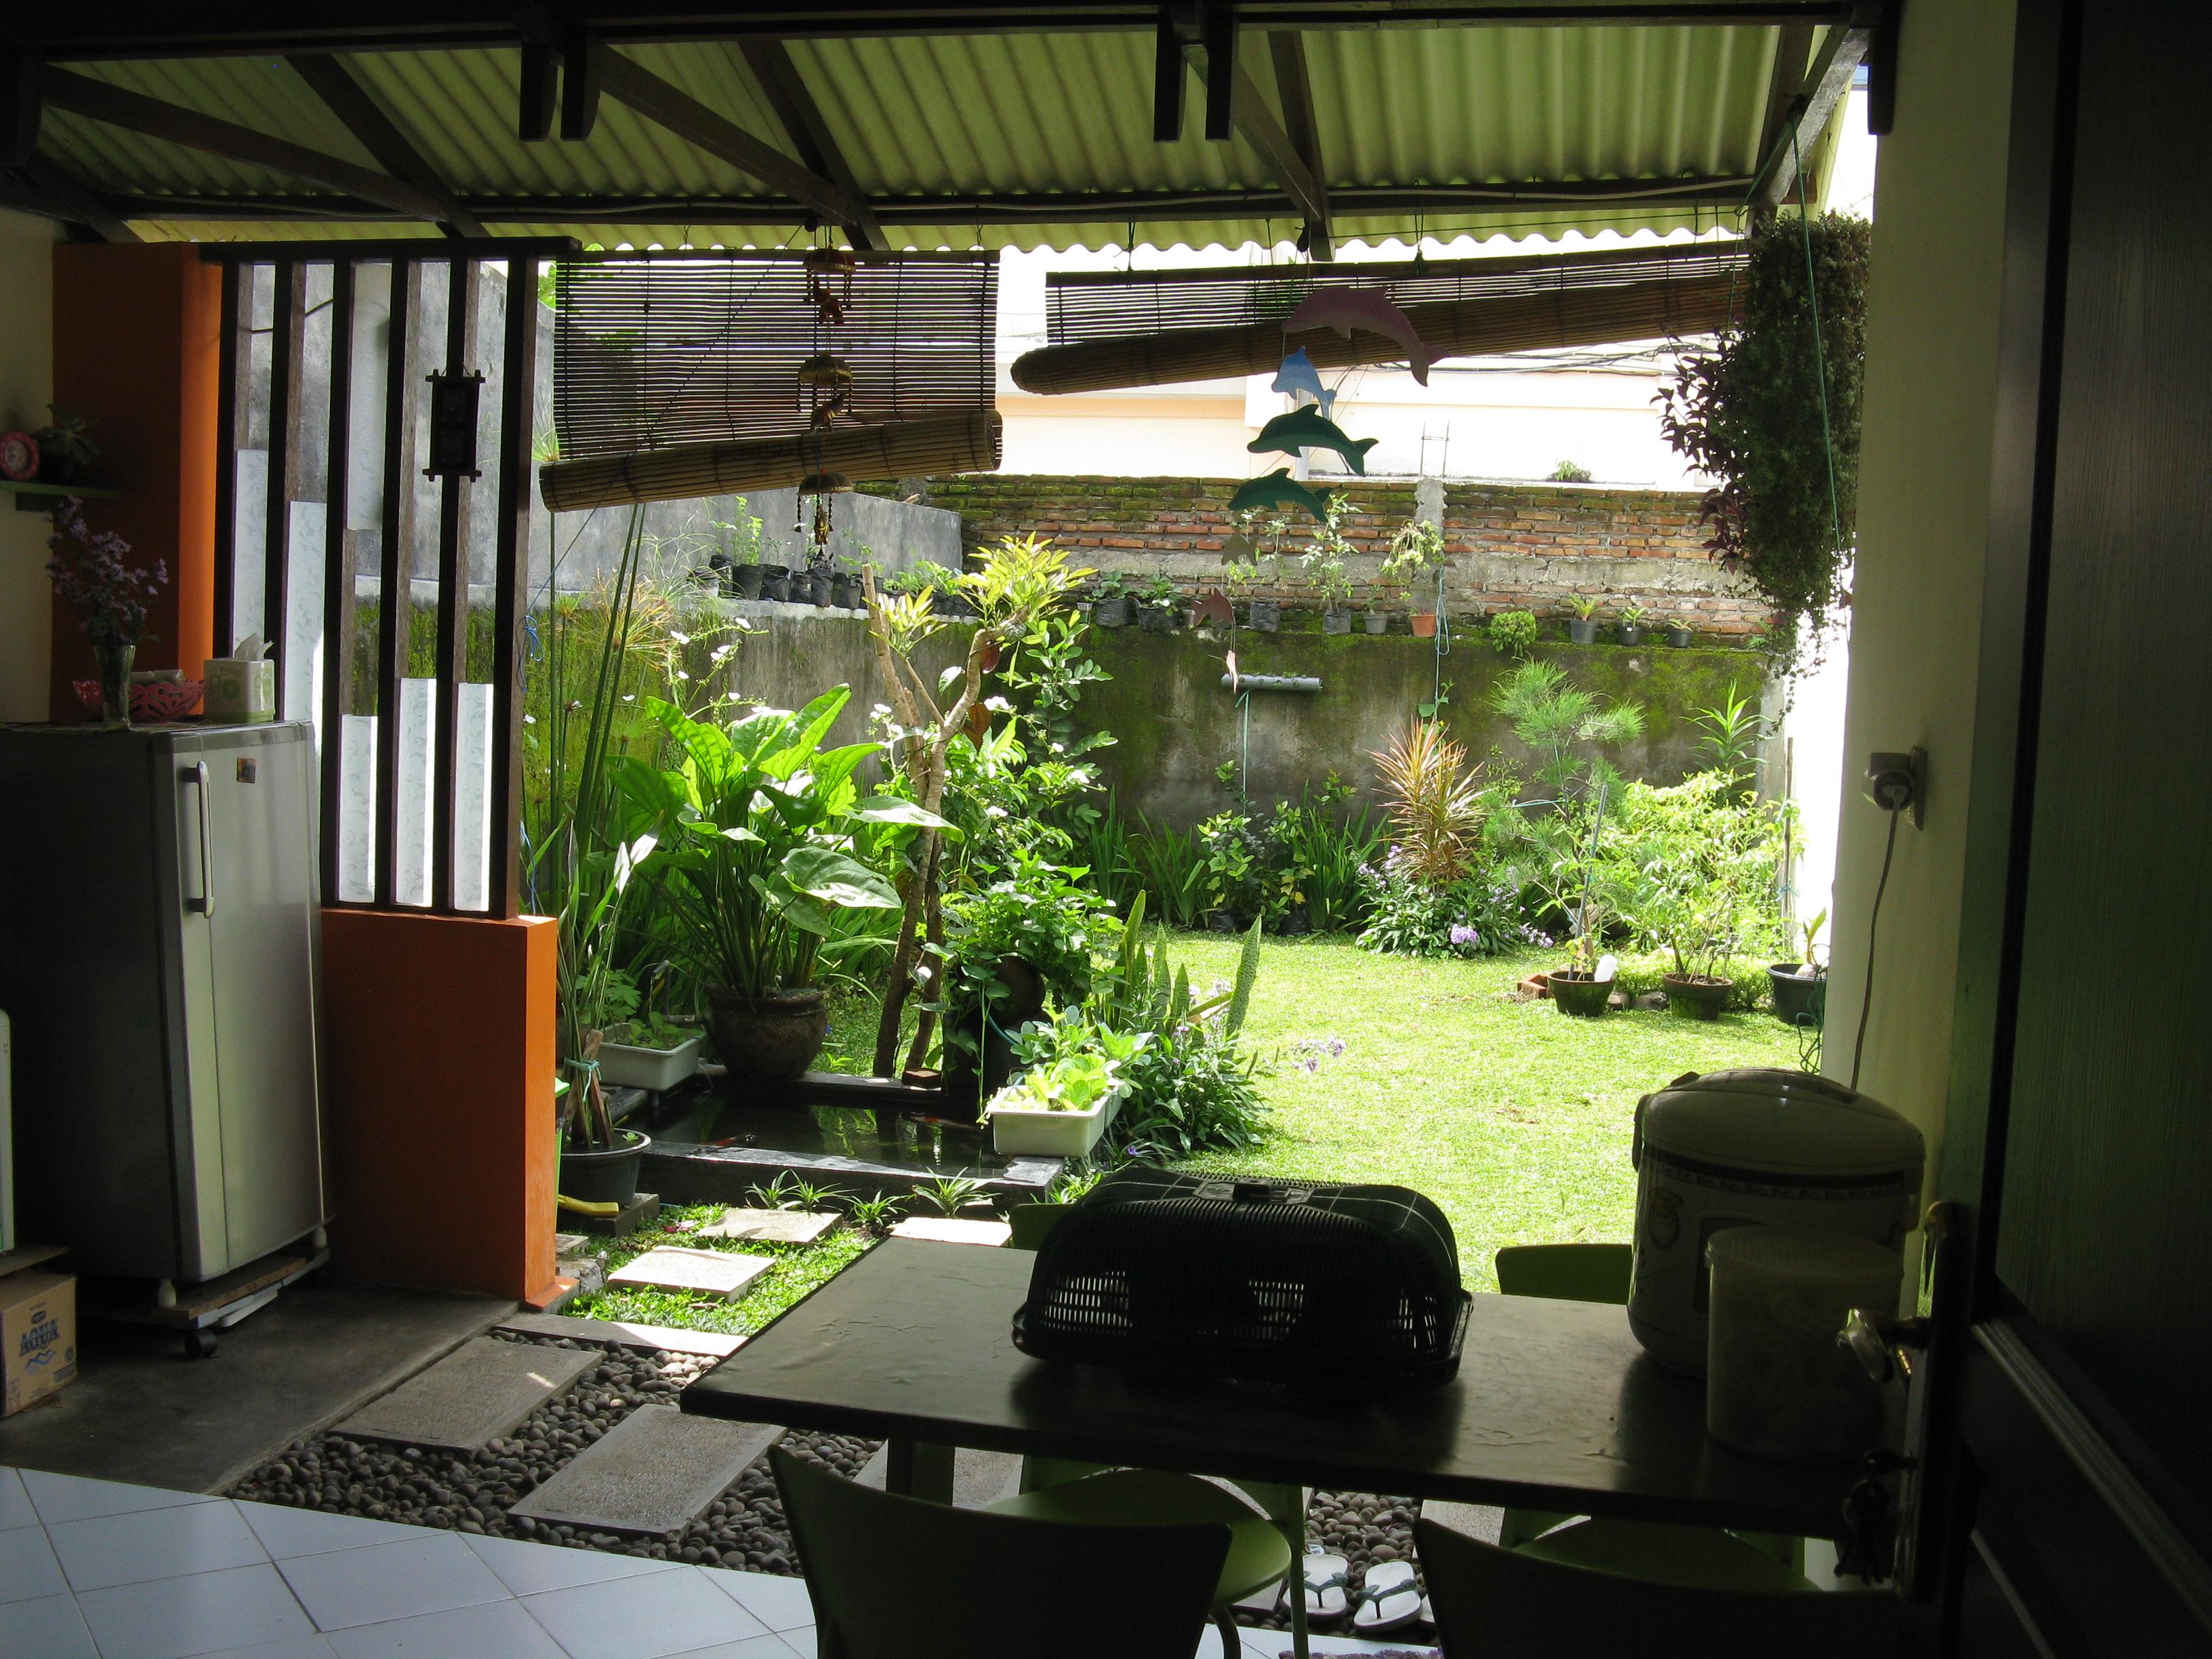 griya dayandra  my home sweet home